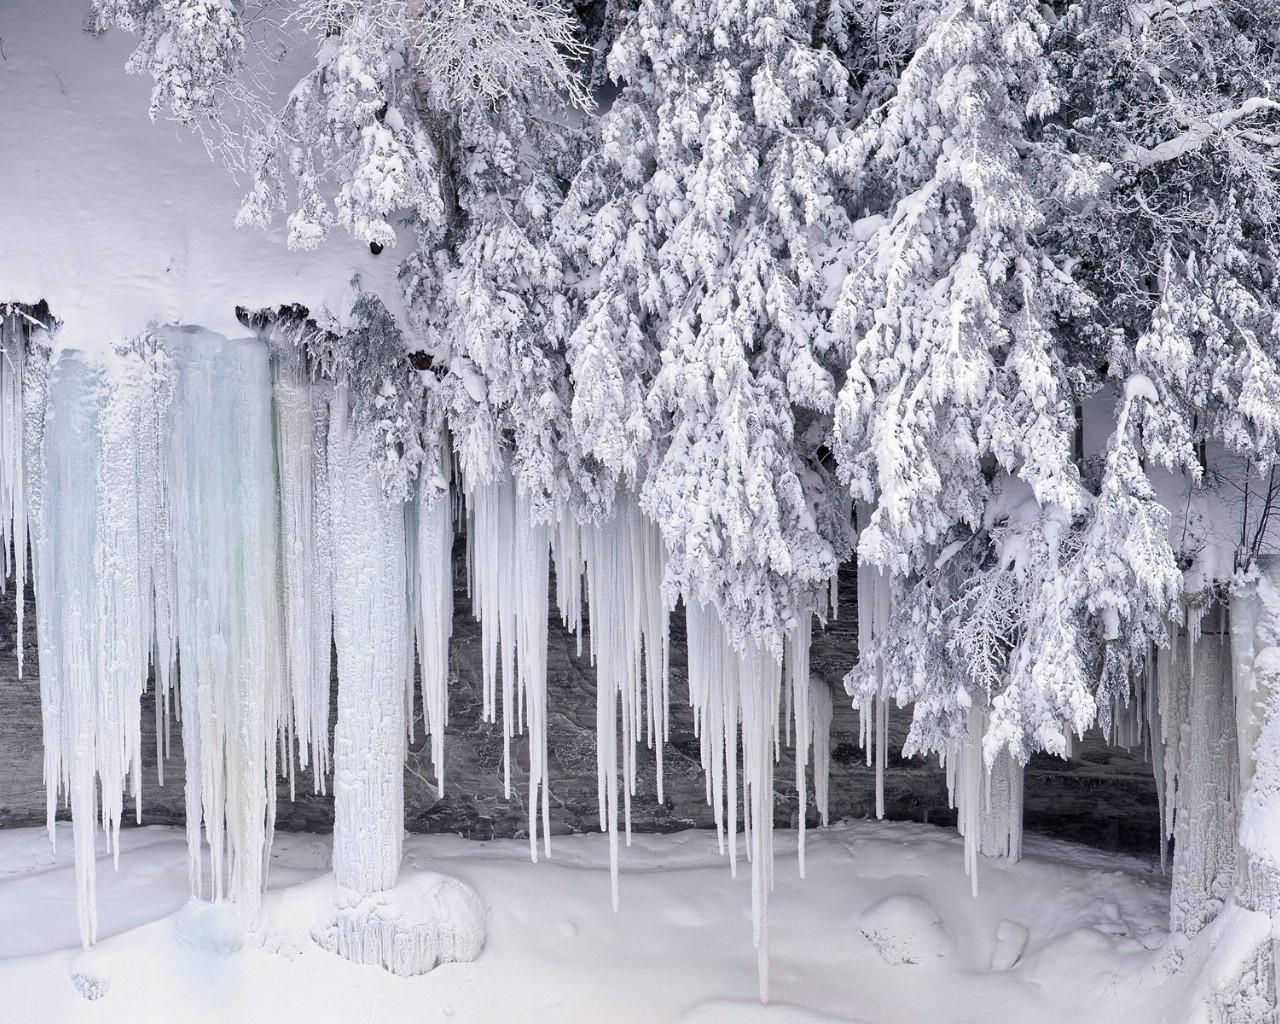 风景图片冬天雪花分享_风景图片冬天雪花图片下载